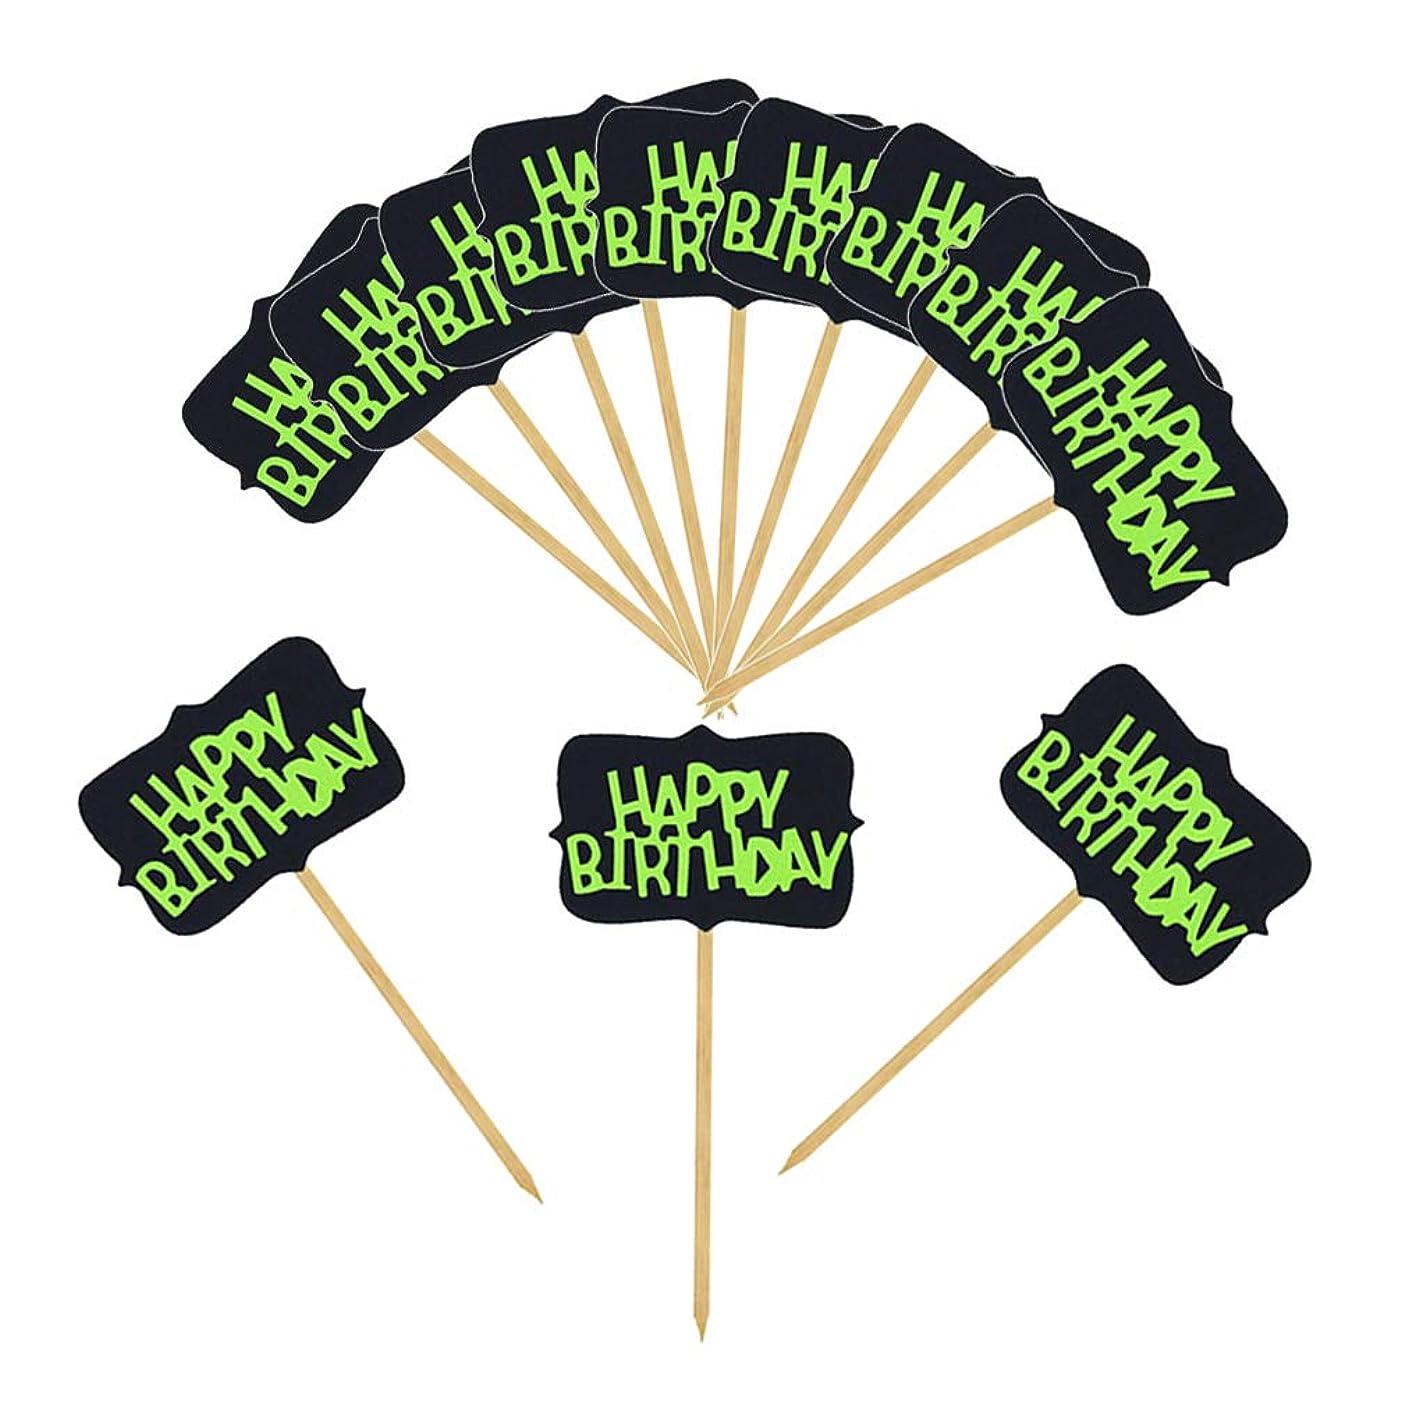 クレアメタリックジェーンオースティンPETSOLA ケーキトッパー ピックカップケーキ 装飾 子供 誕生日パーティー 供給